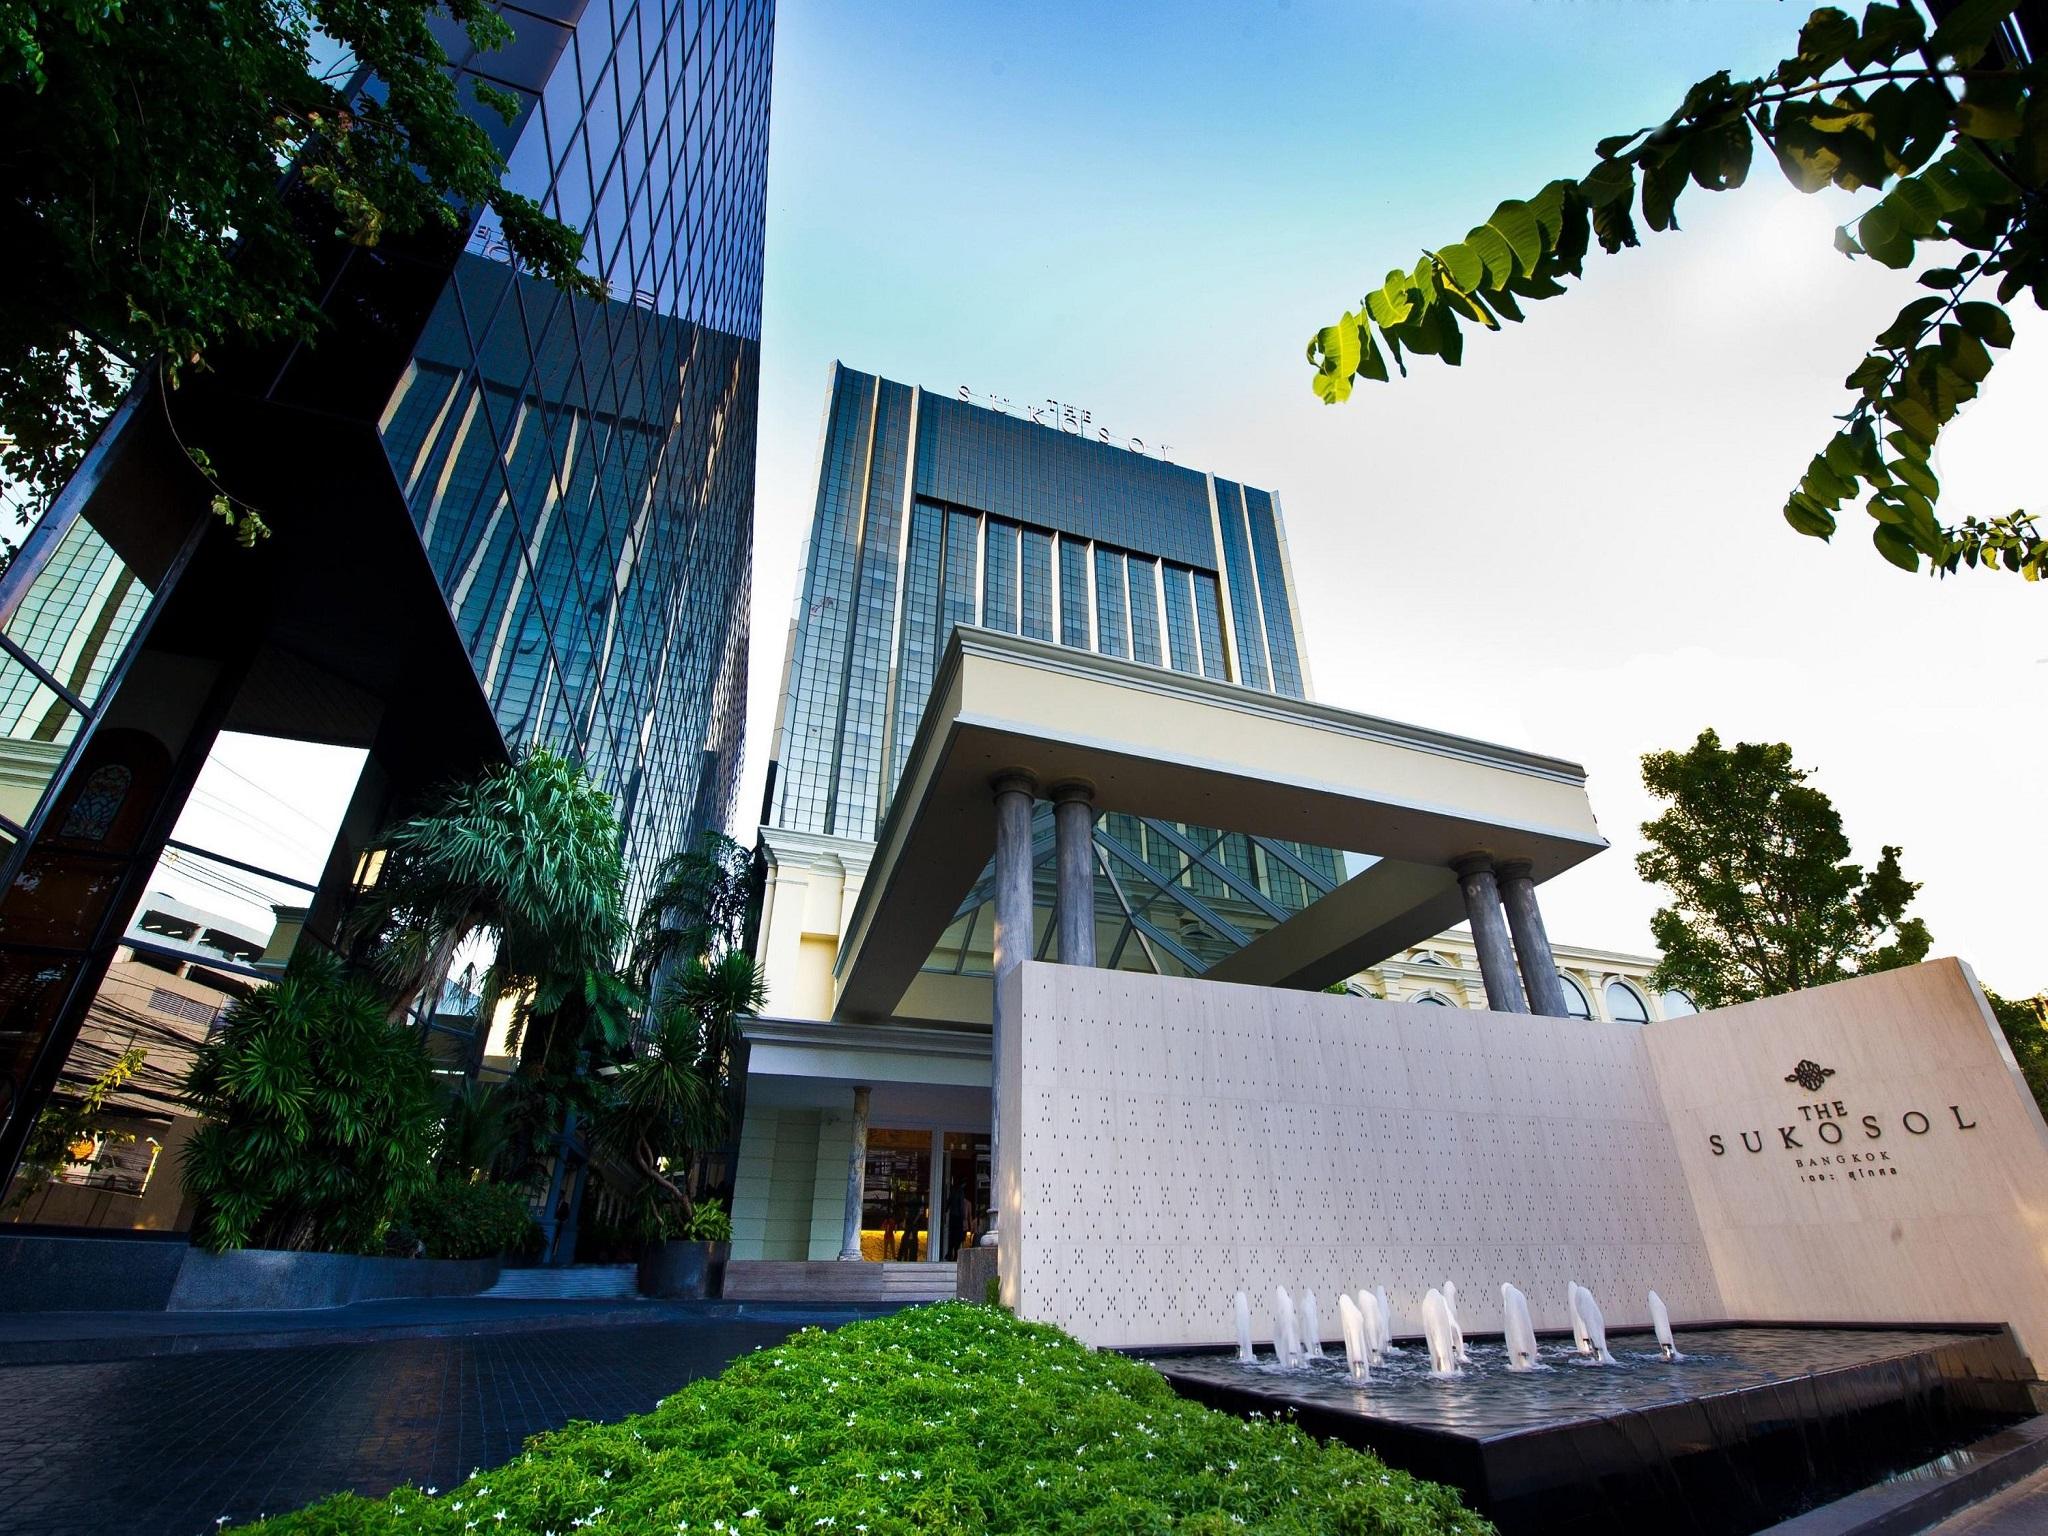 The Sukosol Hotel - Top 10 best luxury hotels in Thailand